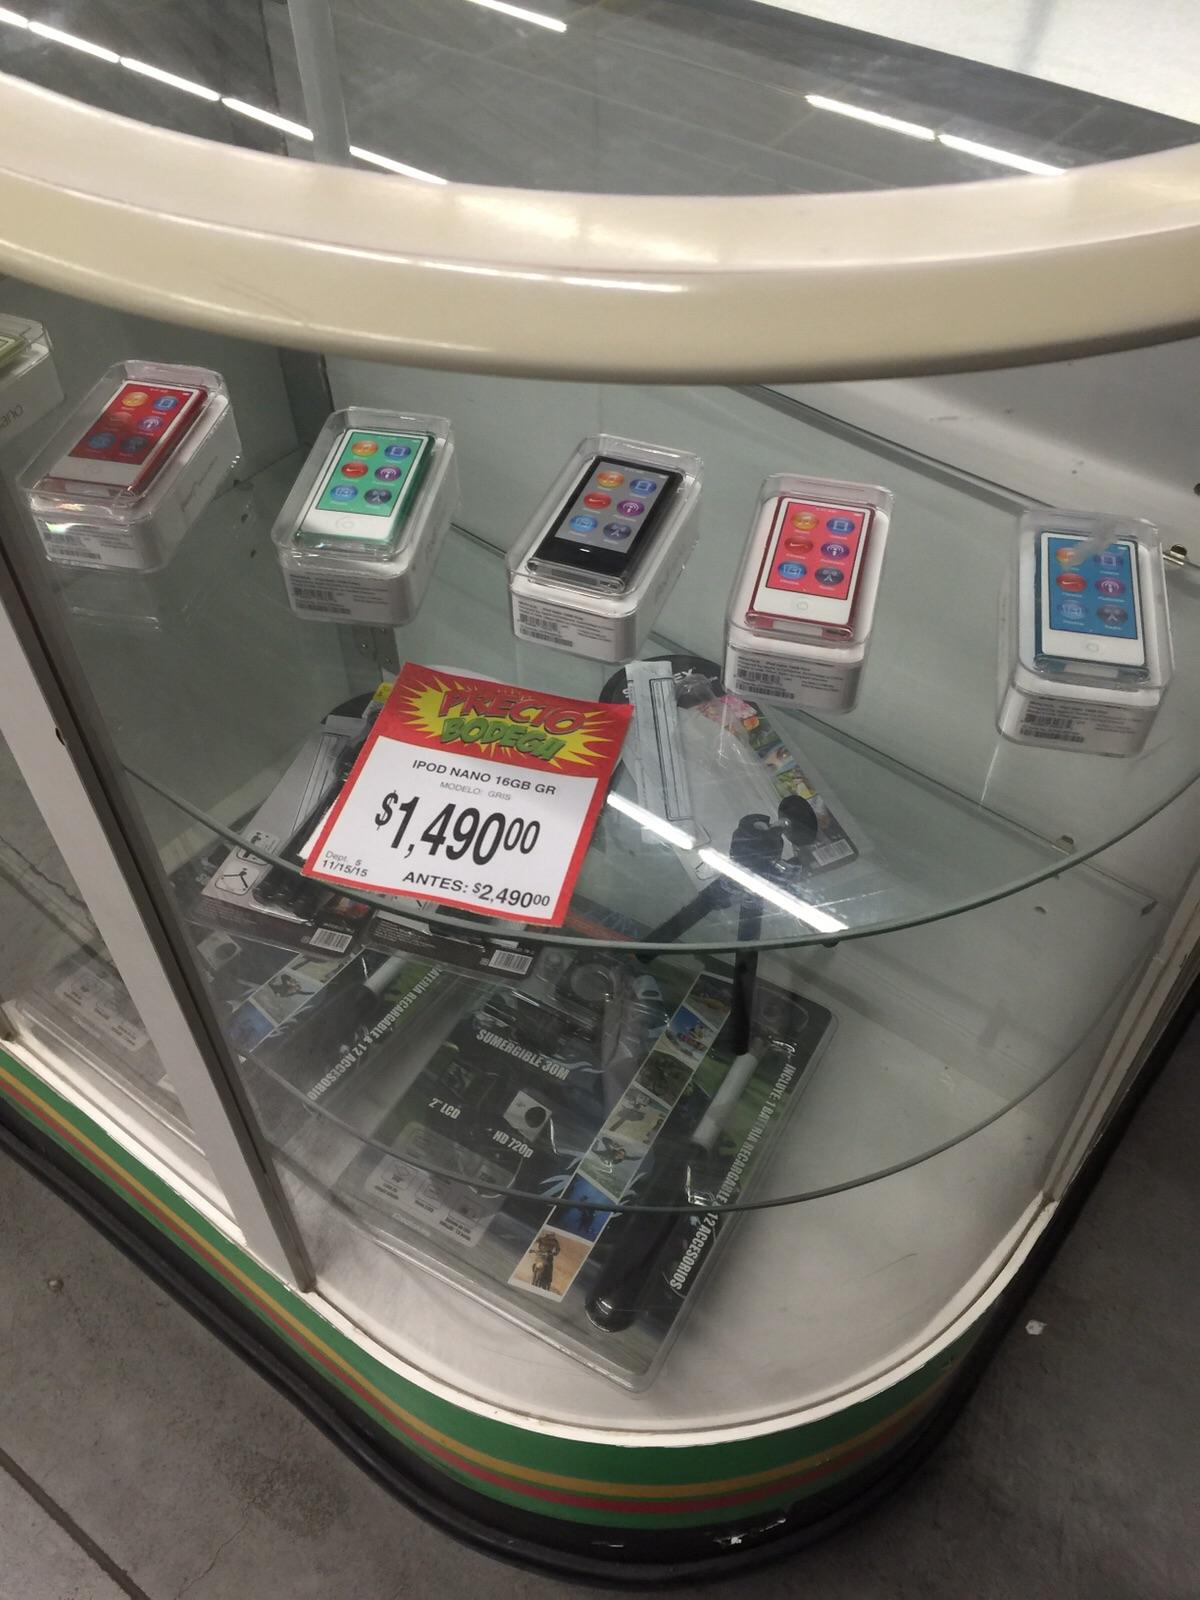 Bodega Aurrerá 3 puentes Morelia: iPod Nano 7g a $1,490